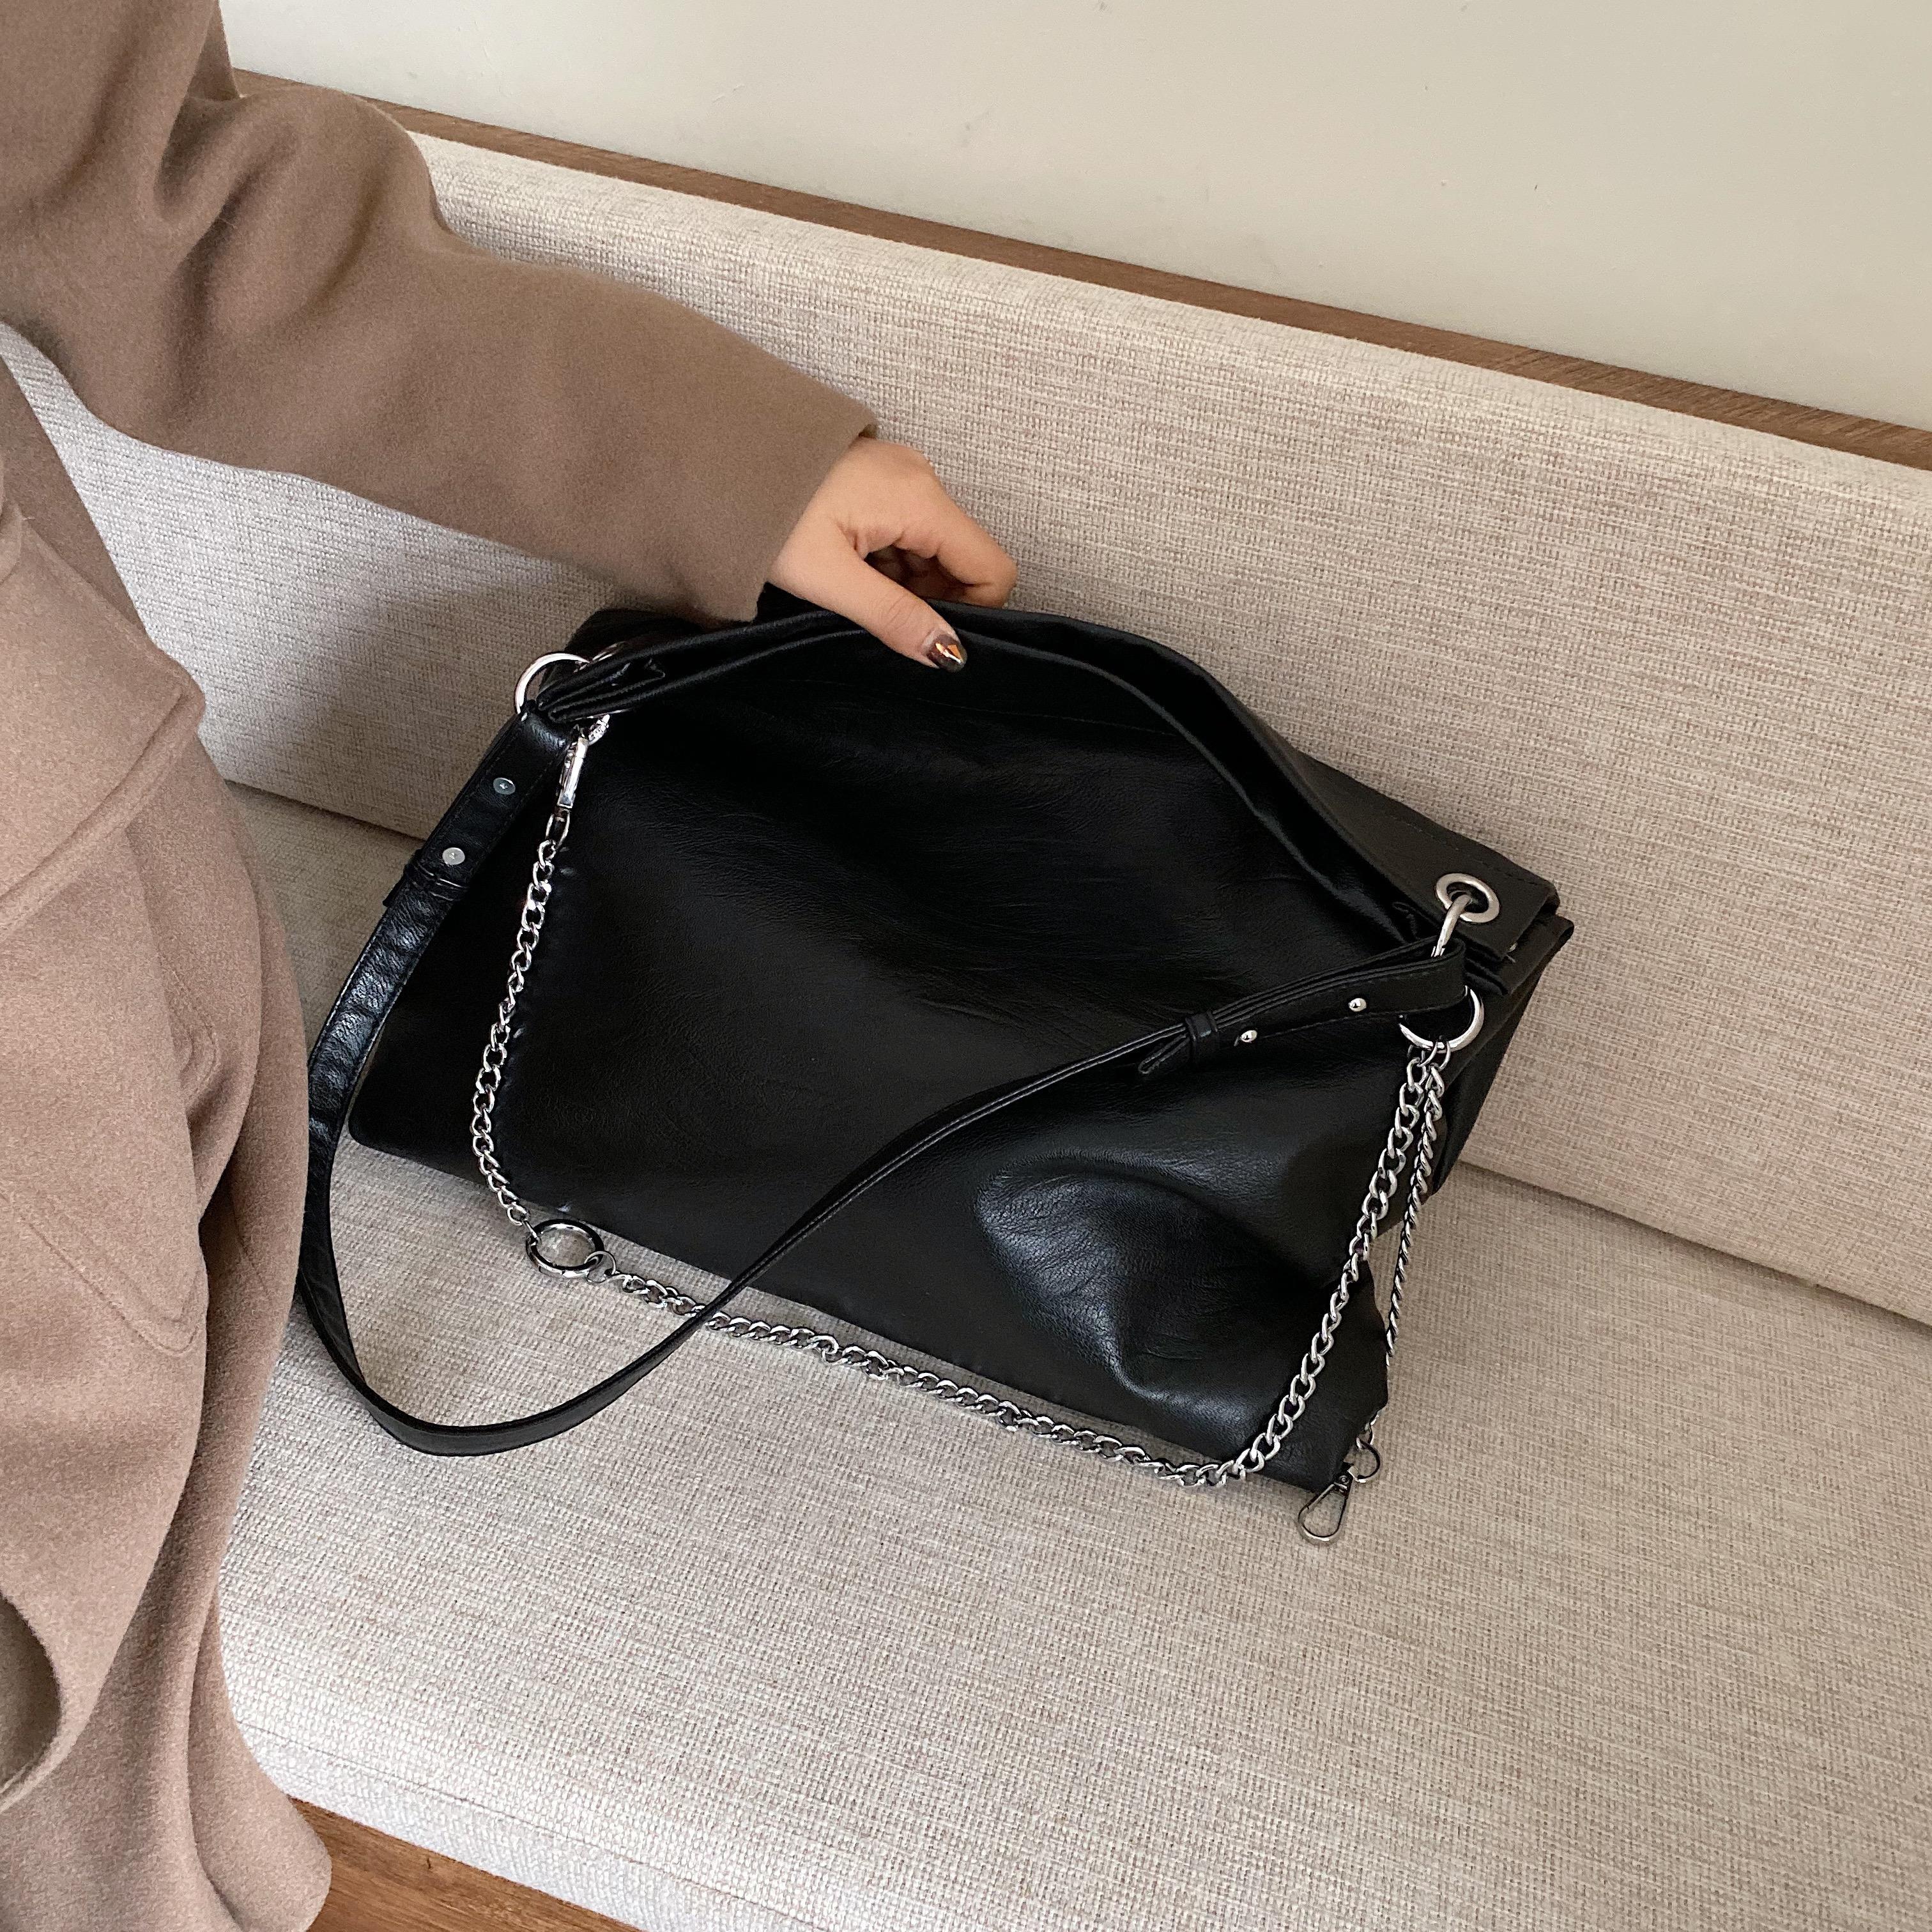 Haute capacité Sac Voyage Femmes Femme pour Bandoulière 2020 PU Sacs à main à l'épaule PU Sacs en cuir et chaîne Messenger Winter Pursards Mujhl